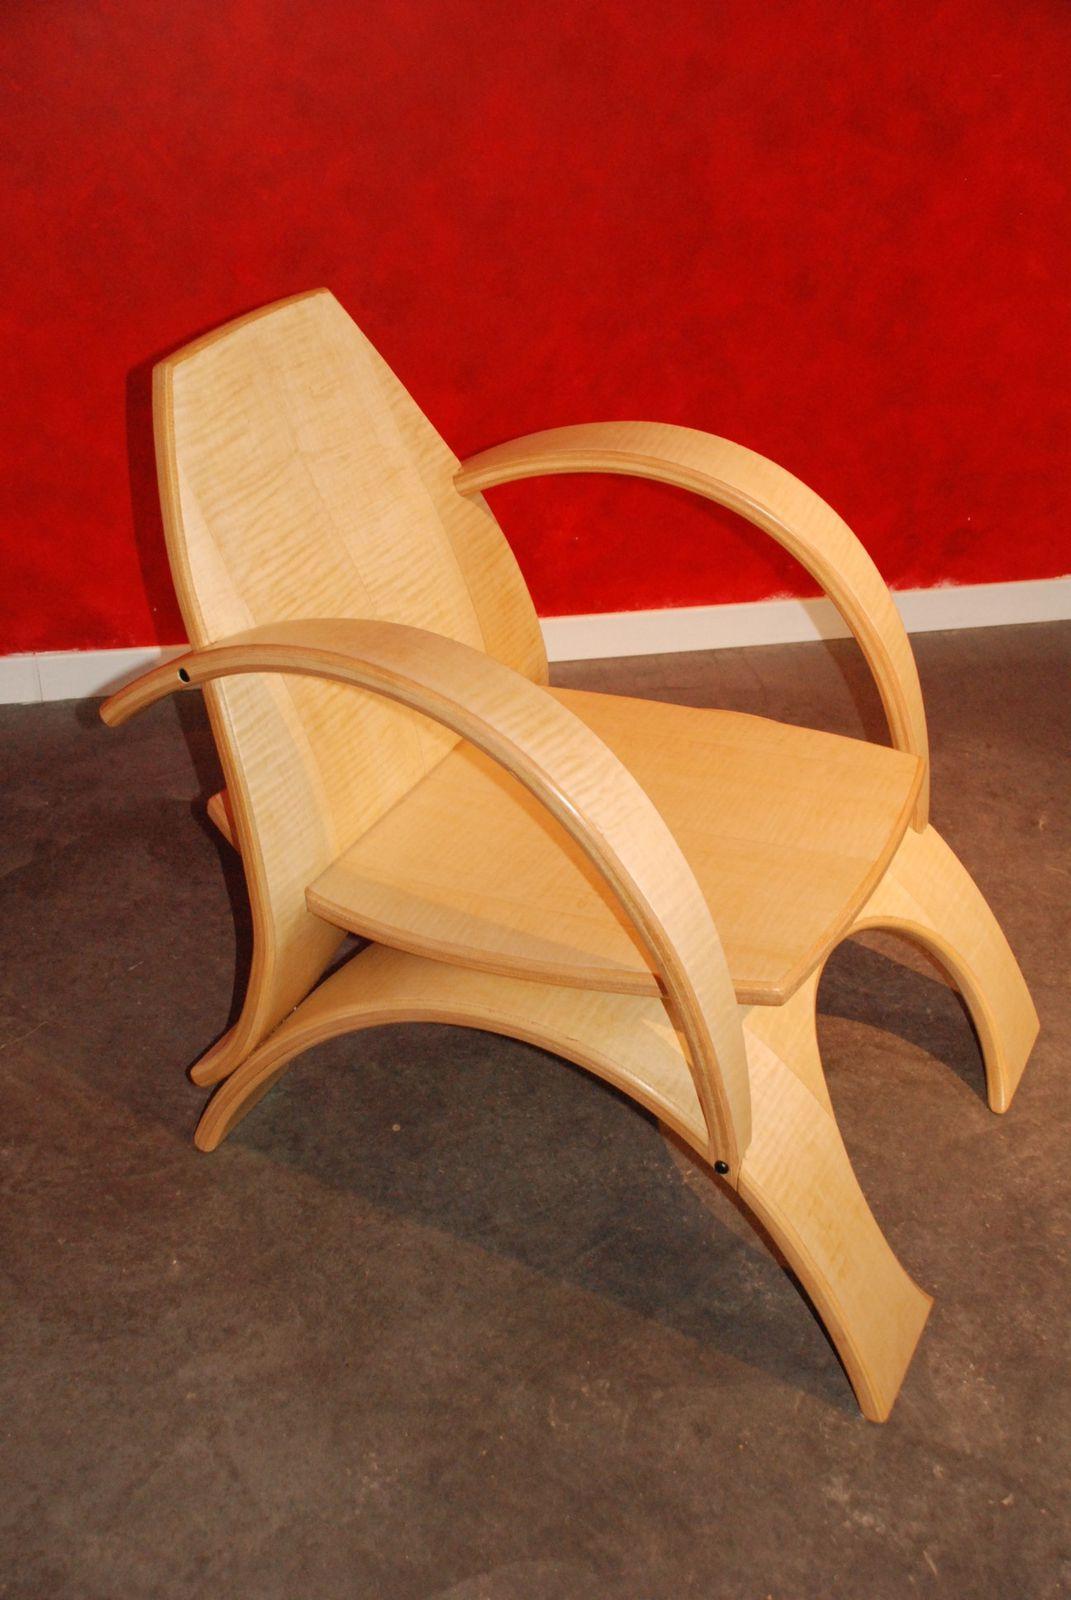 album fauteuils contemporains omega atelier pourquoi pas mobilier design sur mesures. Black Bedroom Furniture Sets. Home Design Ideas